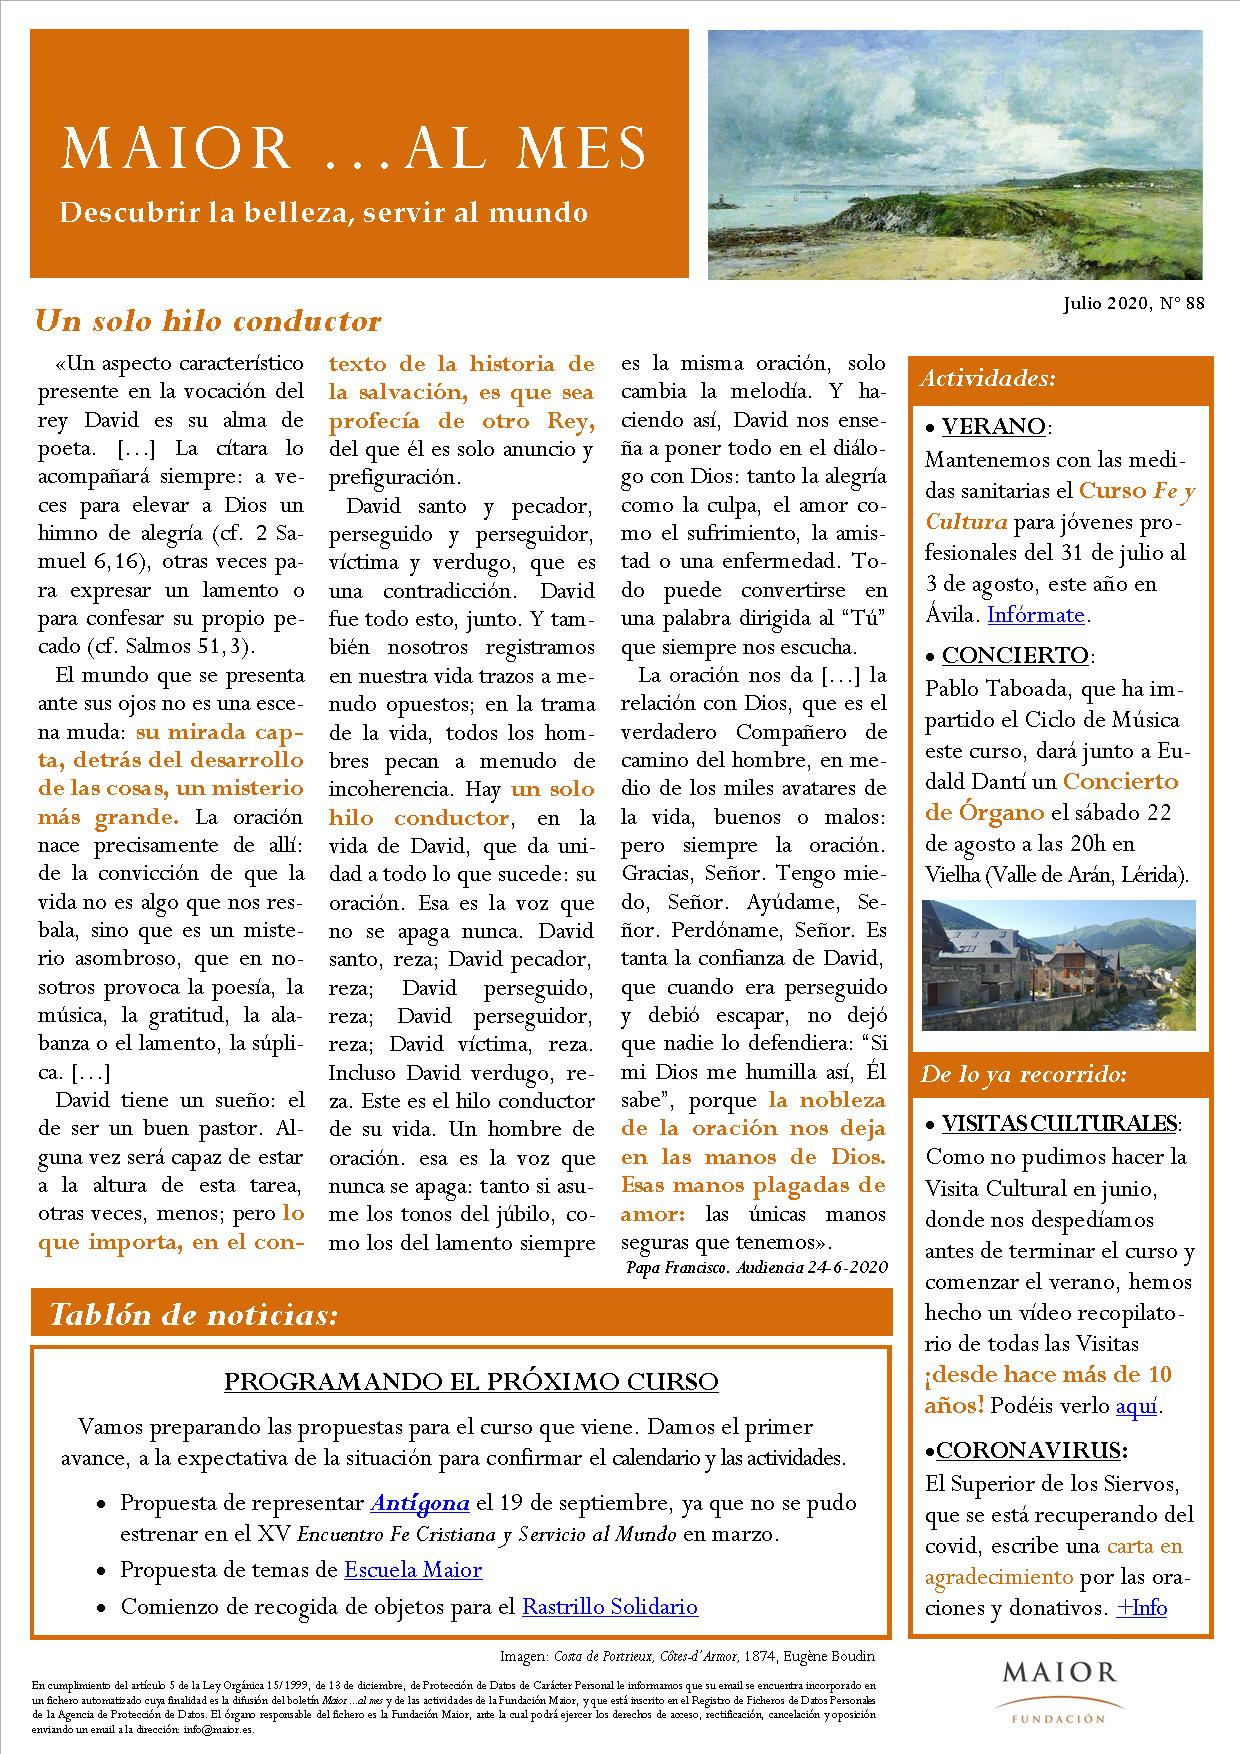 Boletín mensual de noticias y actividades de la Fundación Maior. Edición de julio 2020